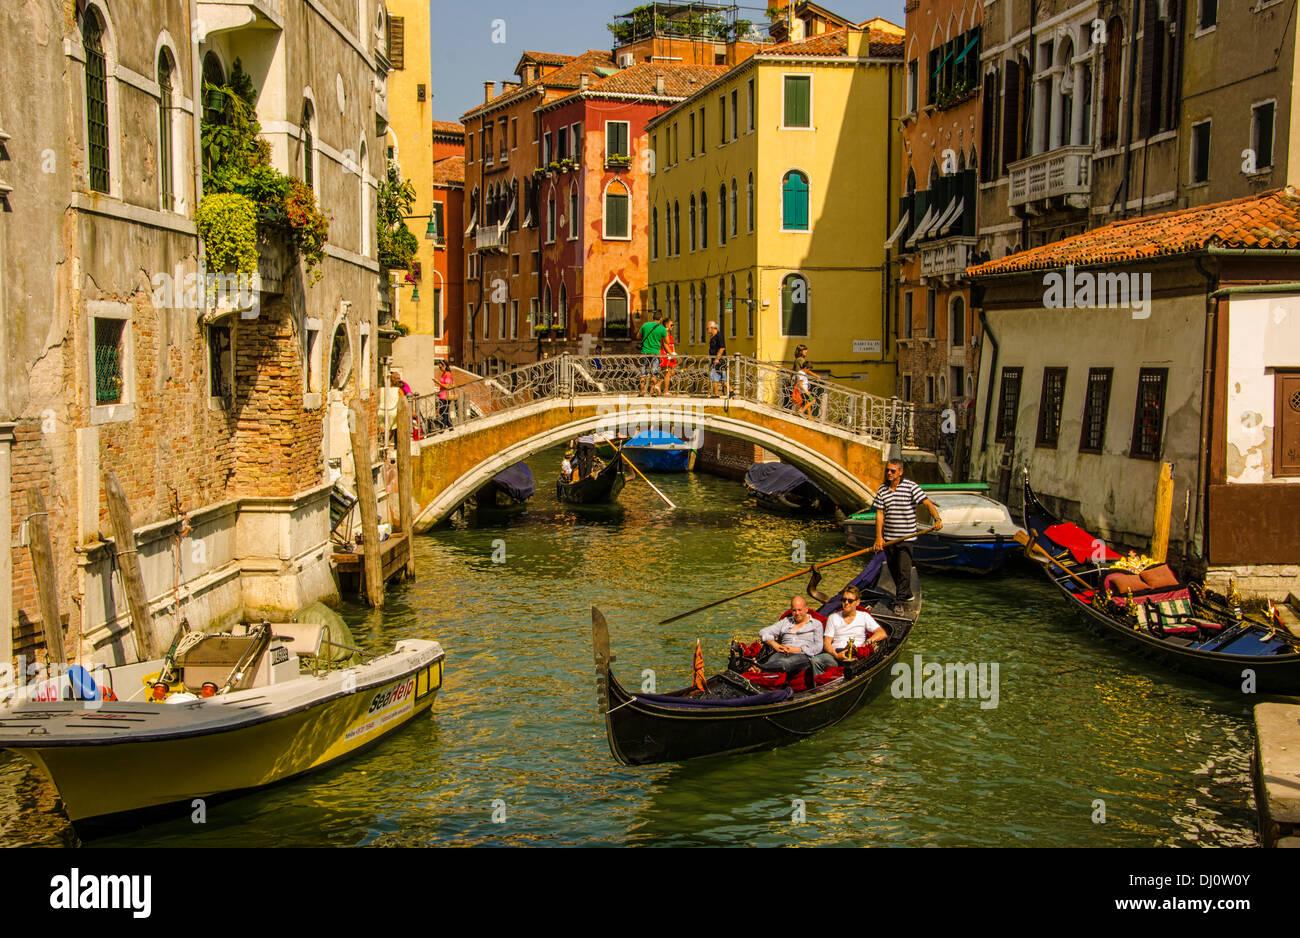 Enjoying a gondola ride in Venice, Italy. Stock Photo